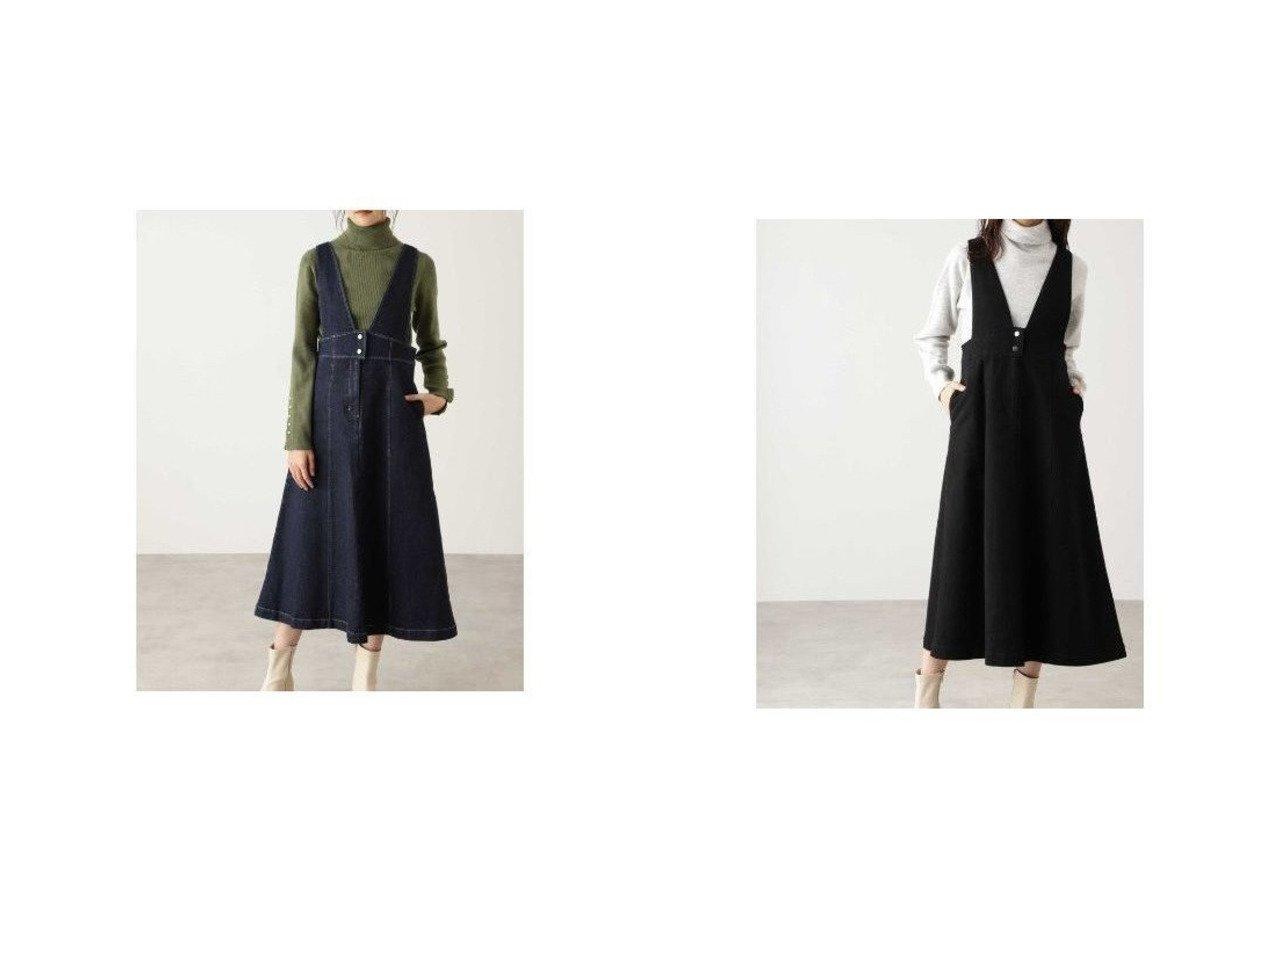 【N.Natural Beauty basic/エヌ ナチュラルビューティーベーシック】のVネックハイウエストジャンパースカート スカートのおすすめ!人気、レディースファッションの通販  おすすめで人気のファッション通販商品 インテリア・家具・キッズファッション・メンズファッション・レディースファッション・服の通販 founy(ファニー) https://founy.com/ ファッション Fashion レディース WOMEN トップス Tops Tshirt シャツ/ブラウス Shirts Blouses Vネック V-Neck インナー カットソー スニーカー ダウン |ID:crp329100000004077